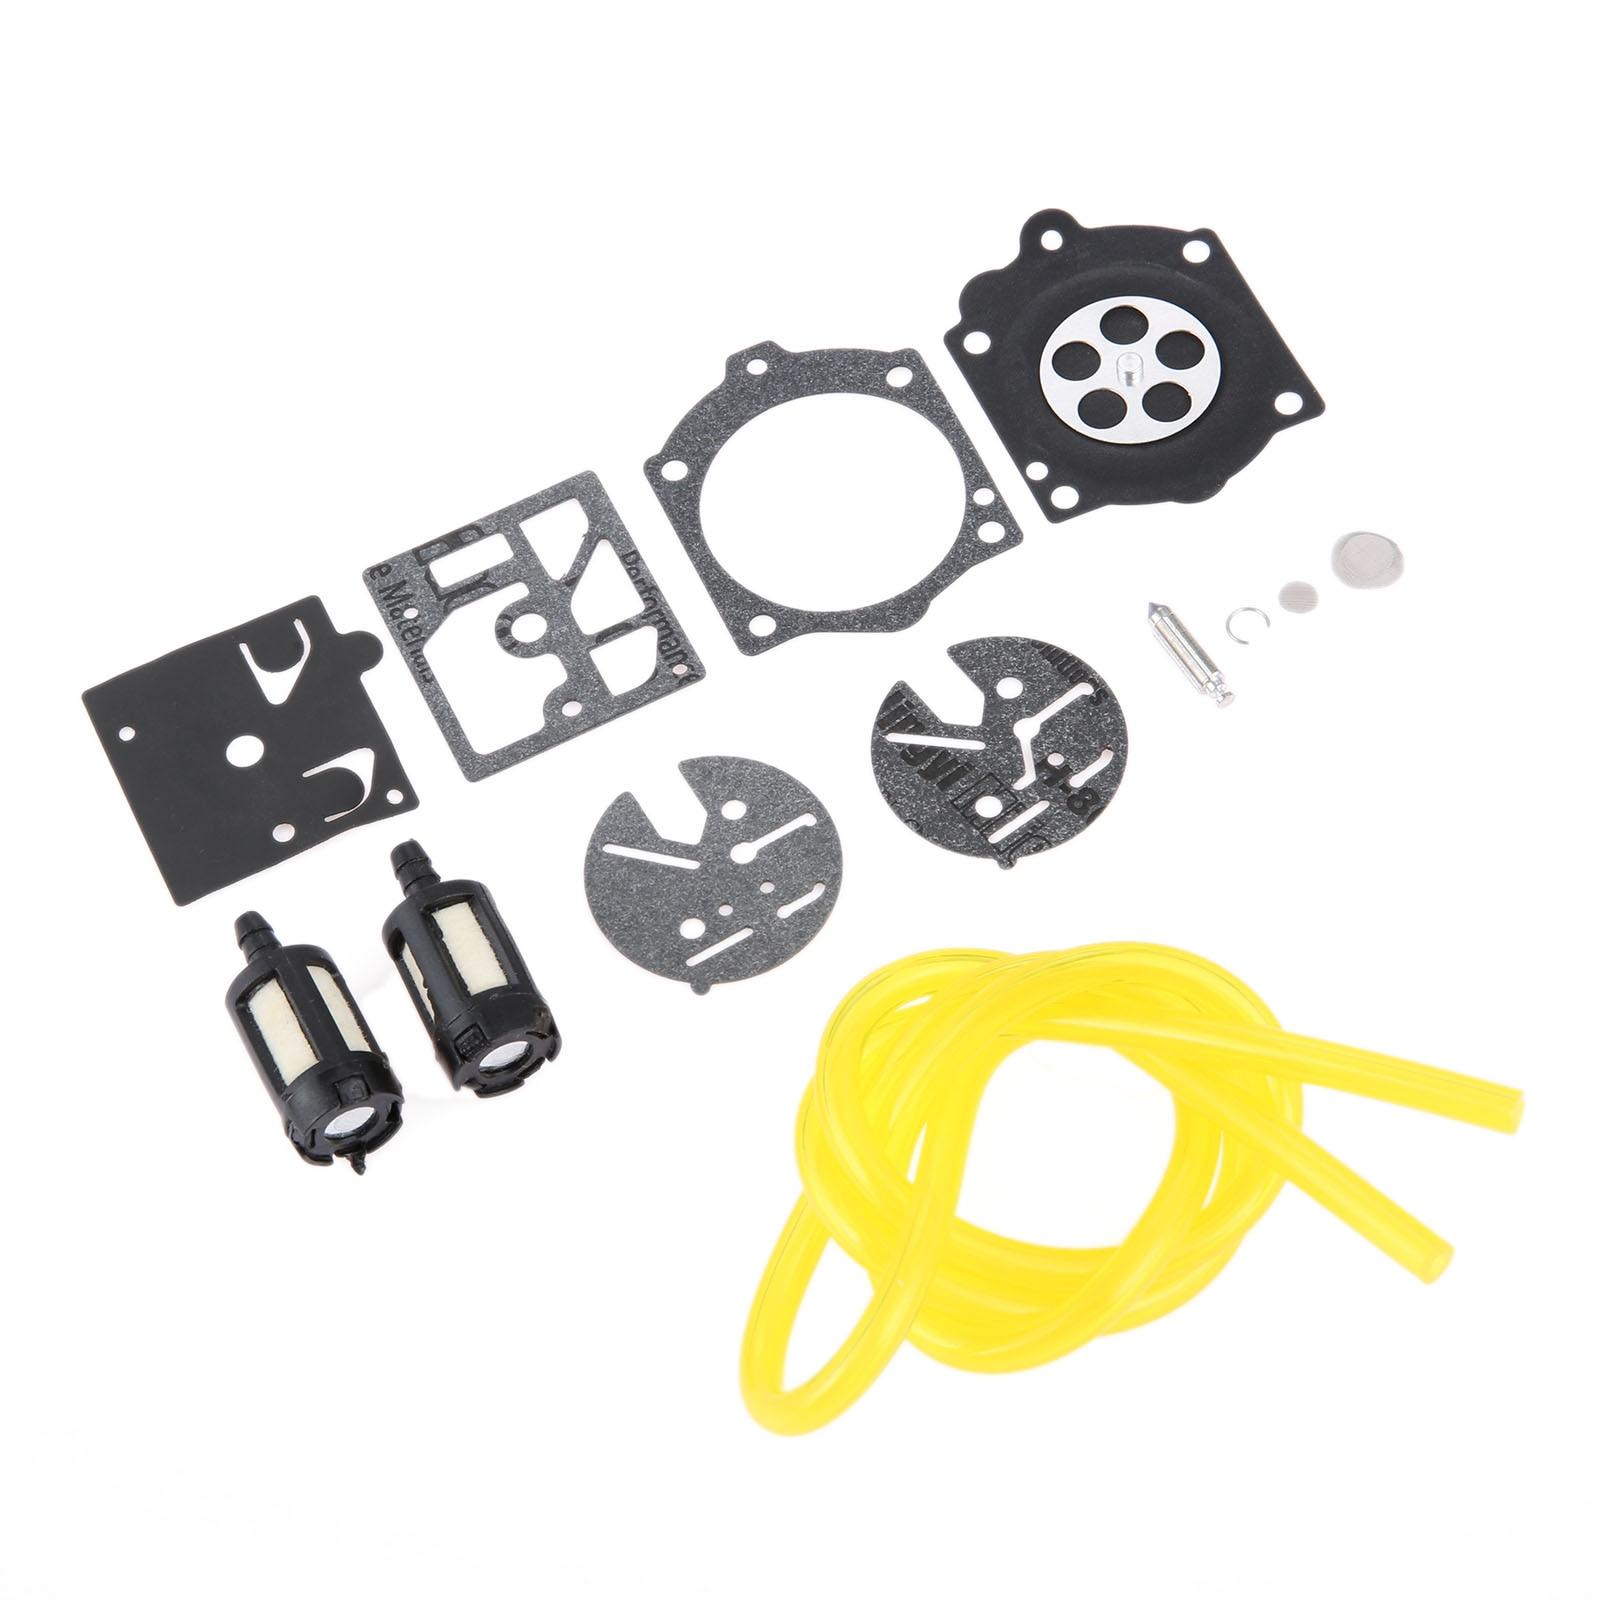 Carburateur R/éparation diaphragme kit pour Homelite XL 2/et Super 2/fit Walbro HDC Carb